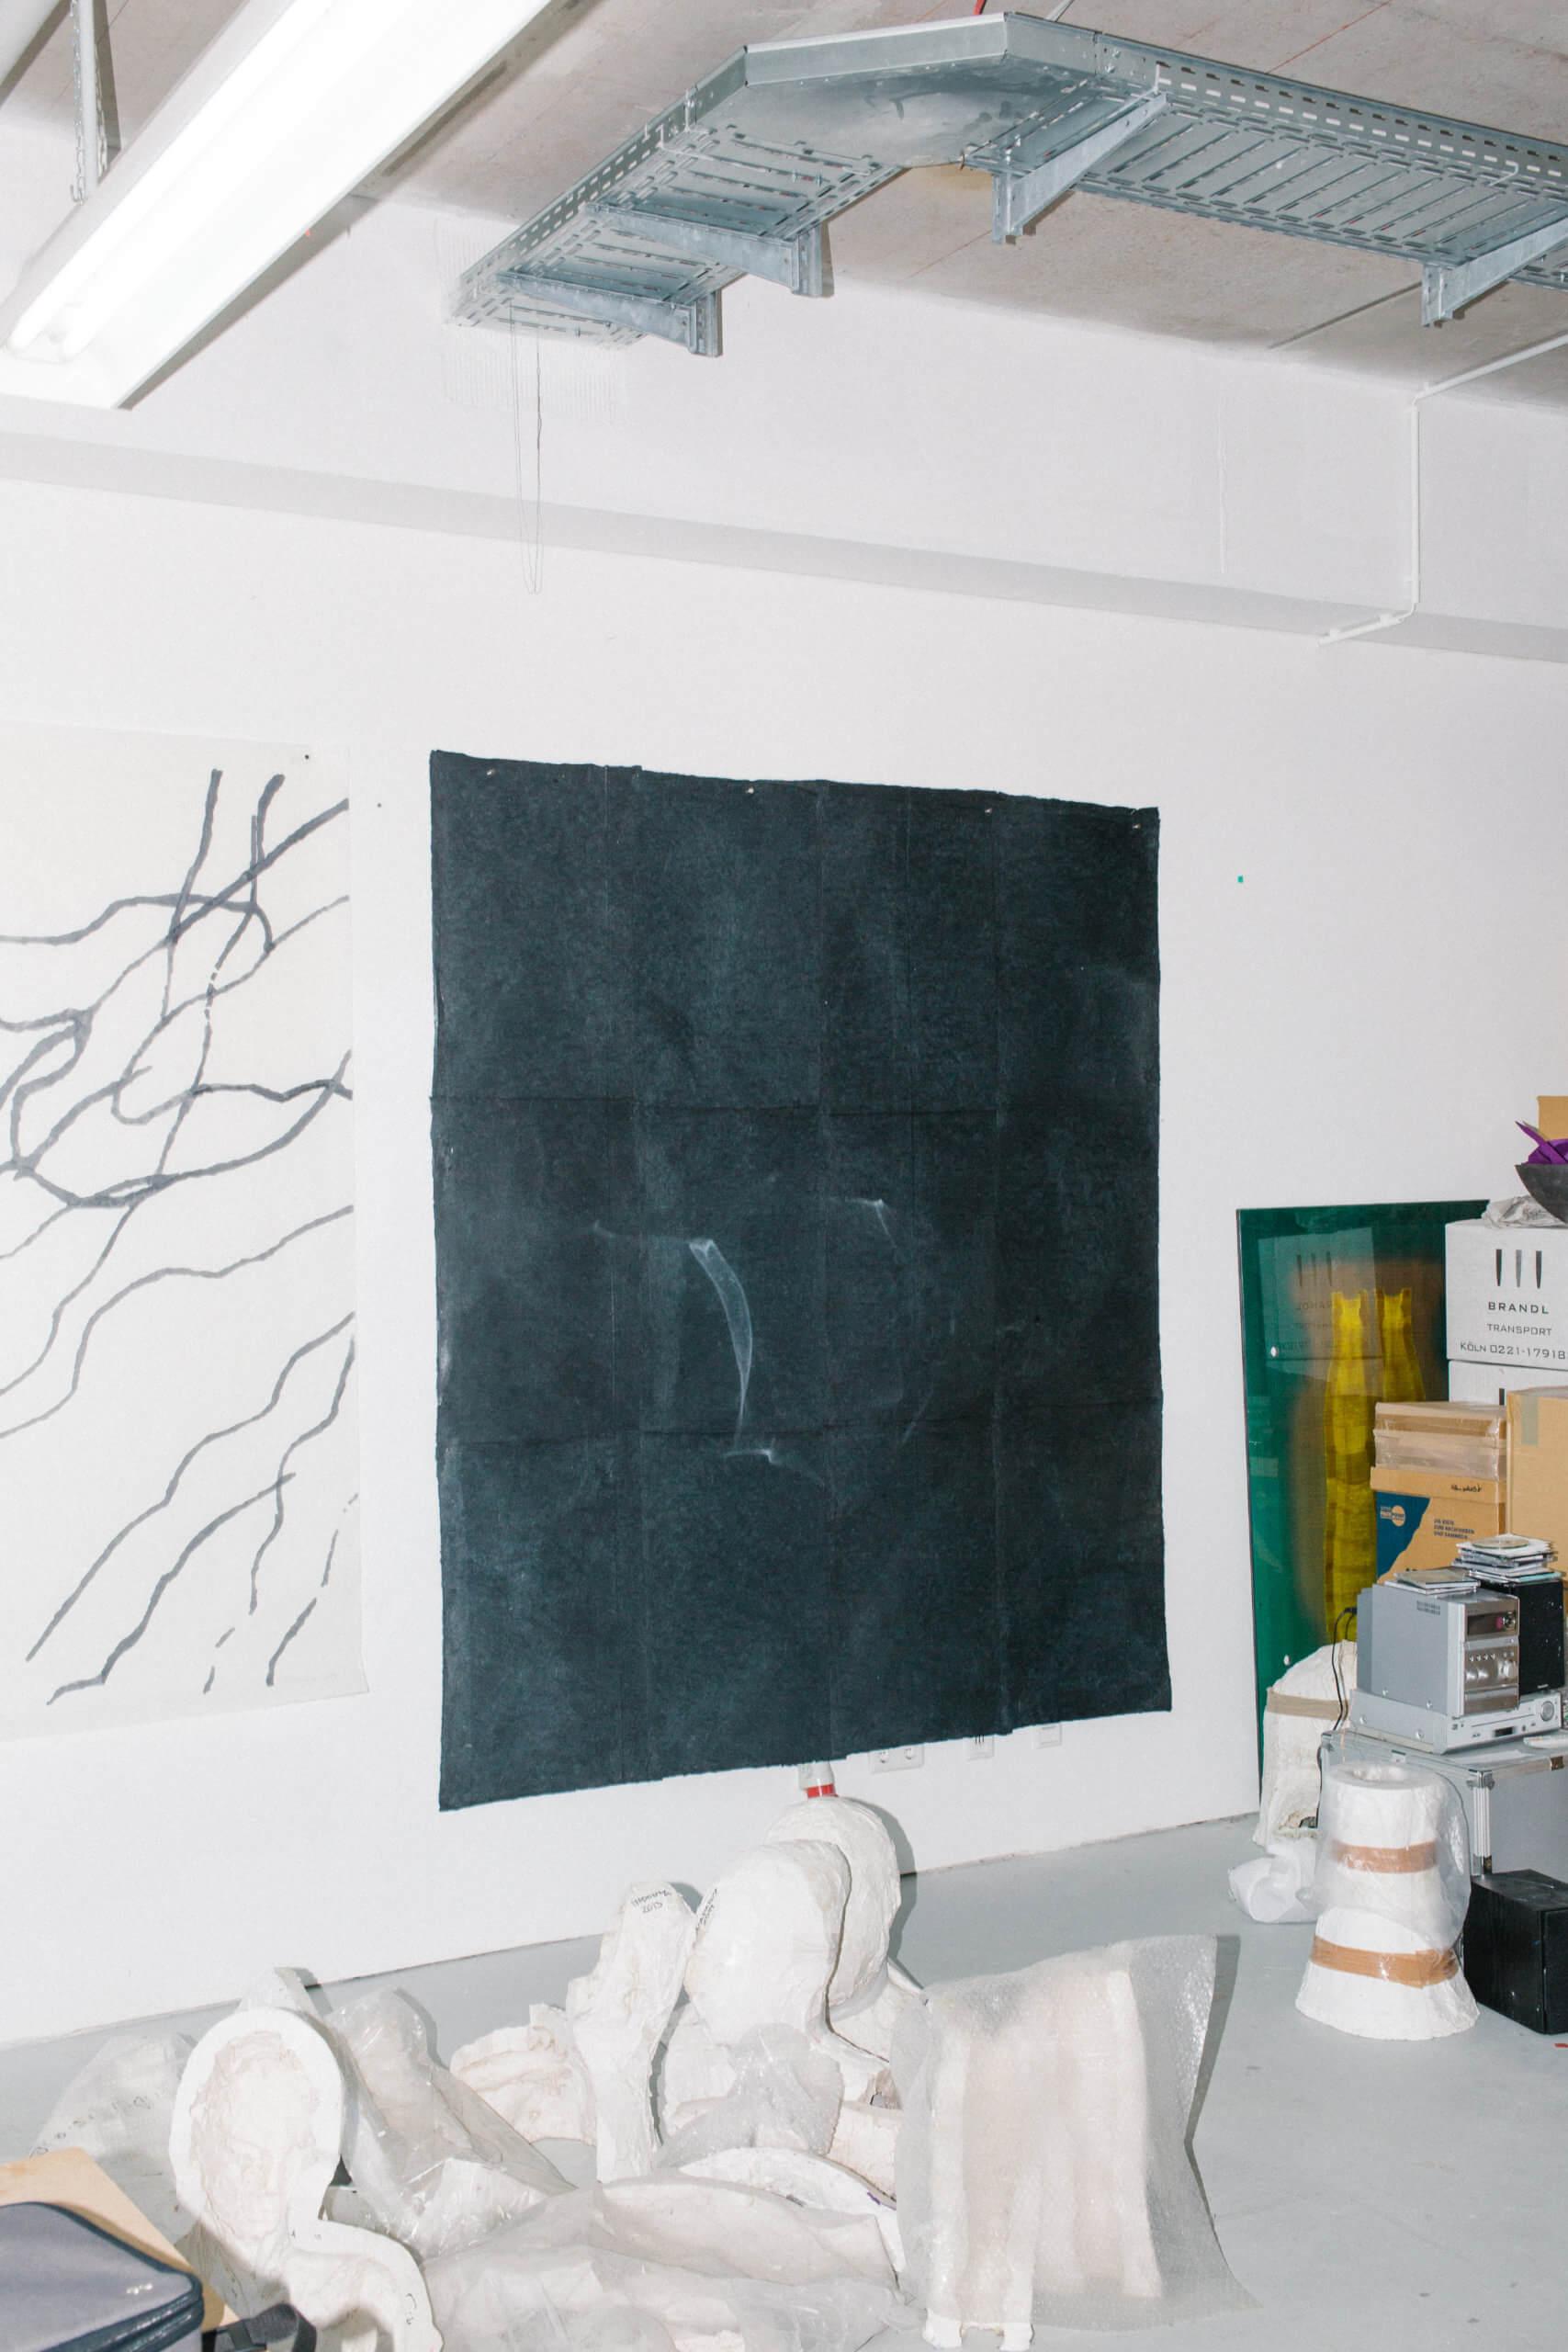 Das schwarze Kunstwerk von Silvia Schreiber hängt